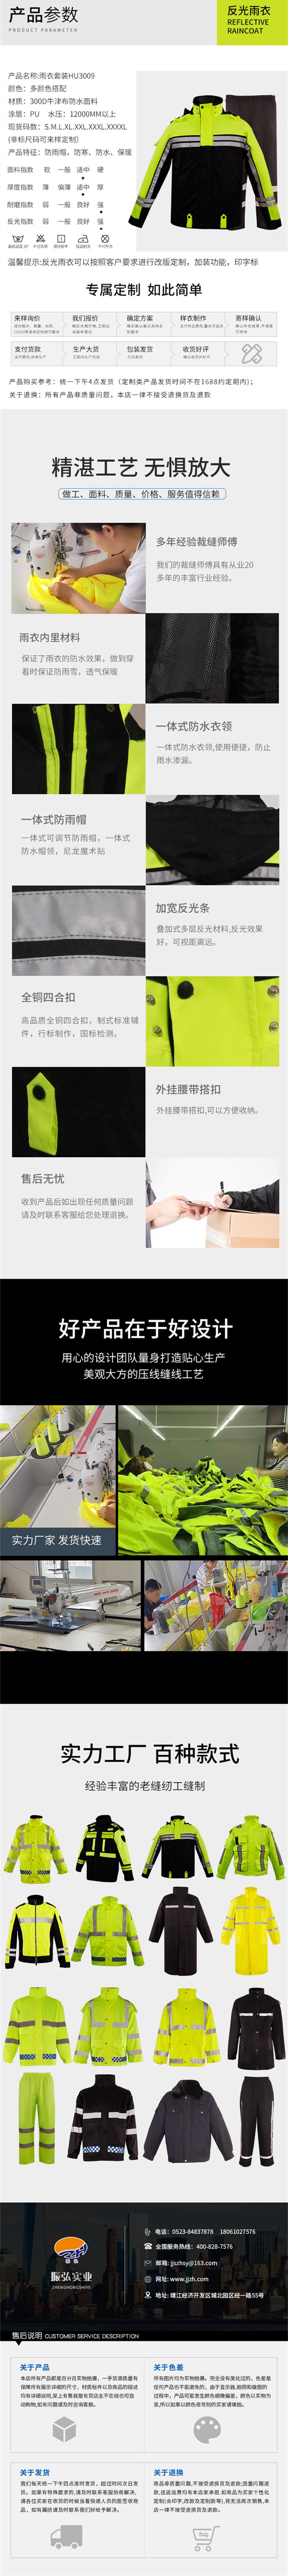 反光雨衣HU3009 详情页_副本